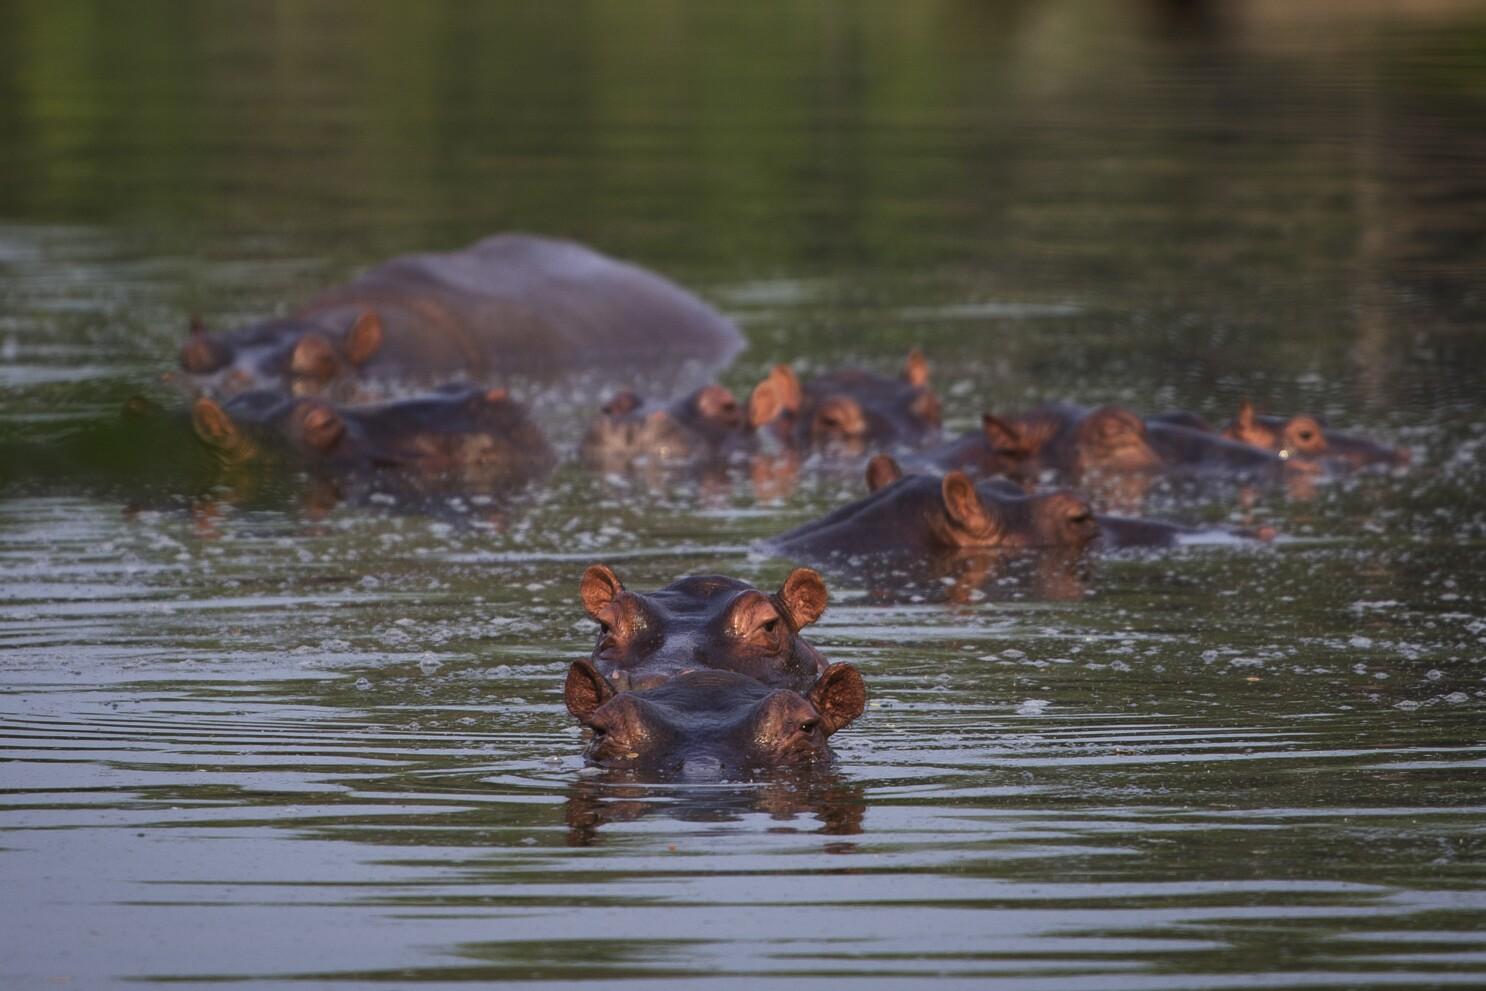 Hipopotamos De Pablo Escobar Se Reproducen Y Causan Alarma Los Angeles Times